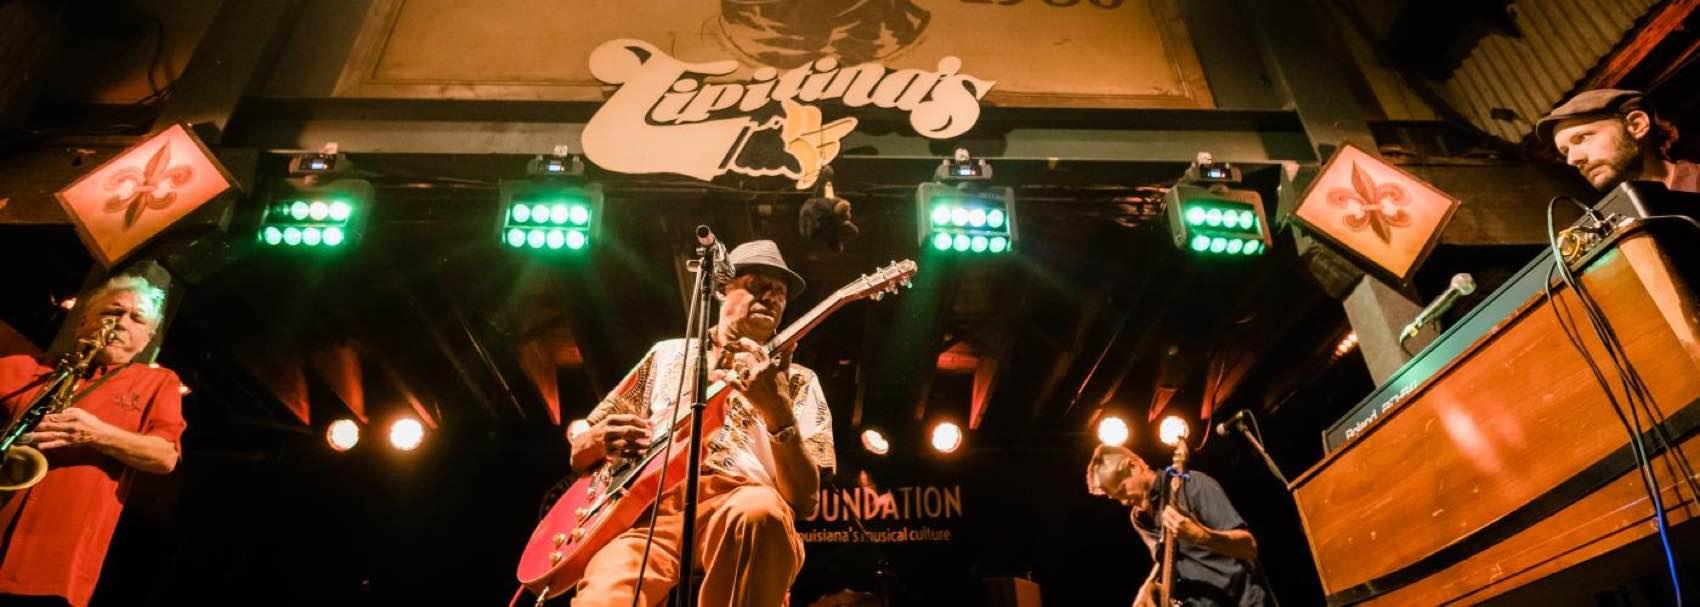 Live Music at Tipitinas